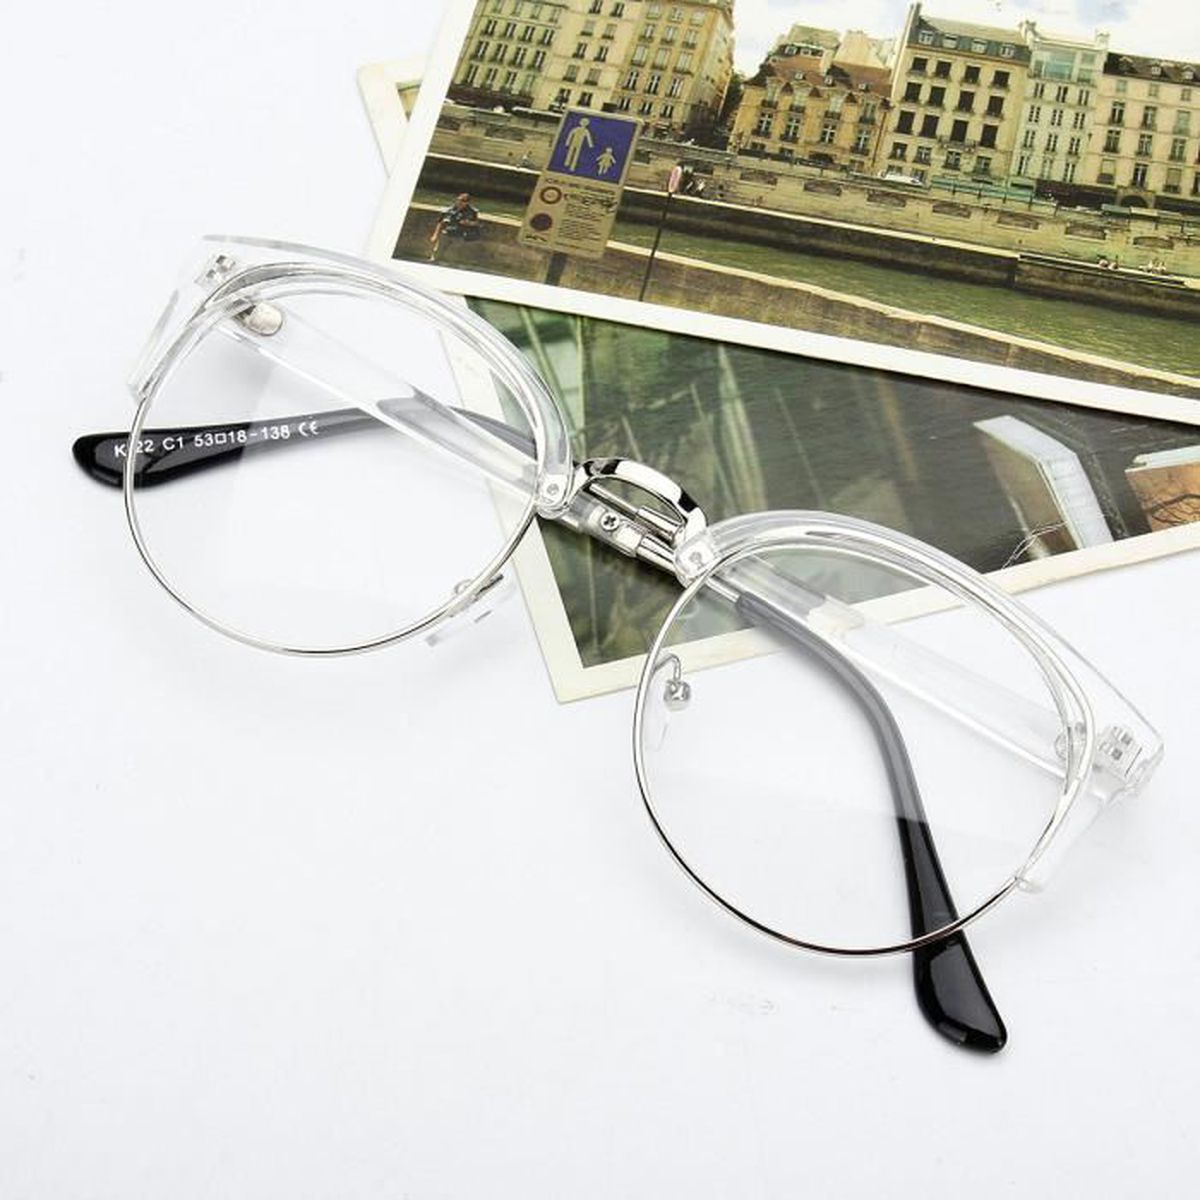 ef3c490373abbc Lunette Optique Loupe Monture Vintage Ronde Métal Lecture Vue  Transparent-Argent - Achat   Vente lunettes de lecture Fille Adulte -  Cdiscount